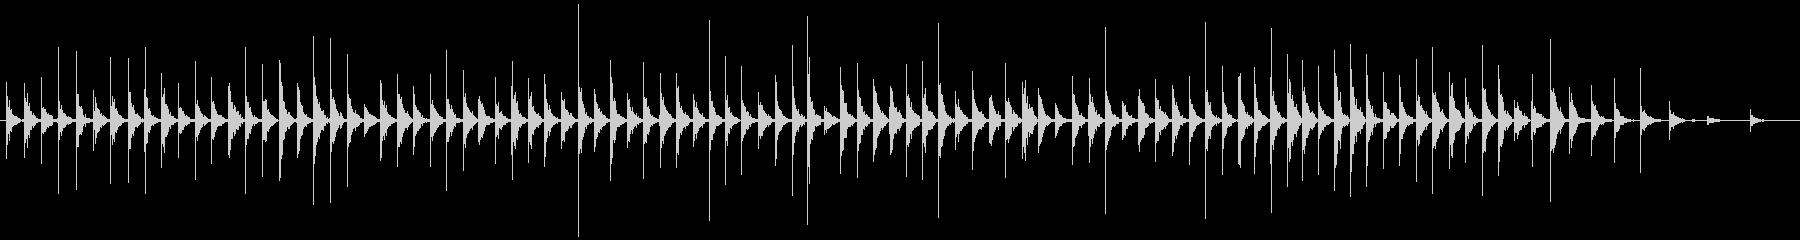 ウッドフロア:重いランニングシュー...の未再生の波形